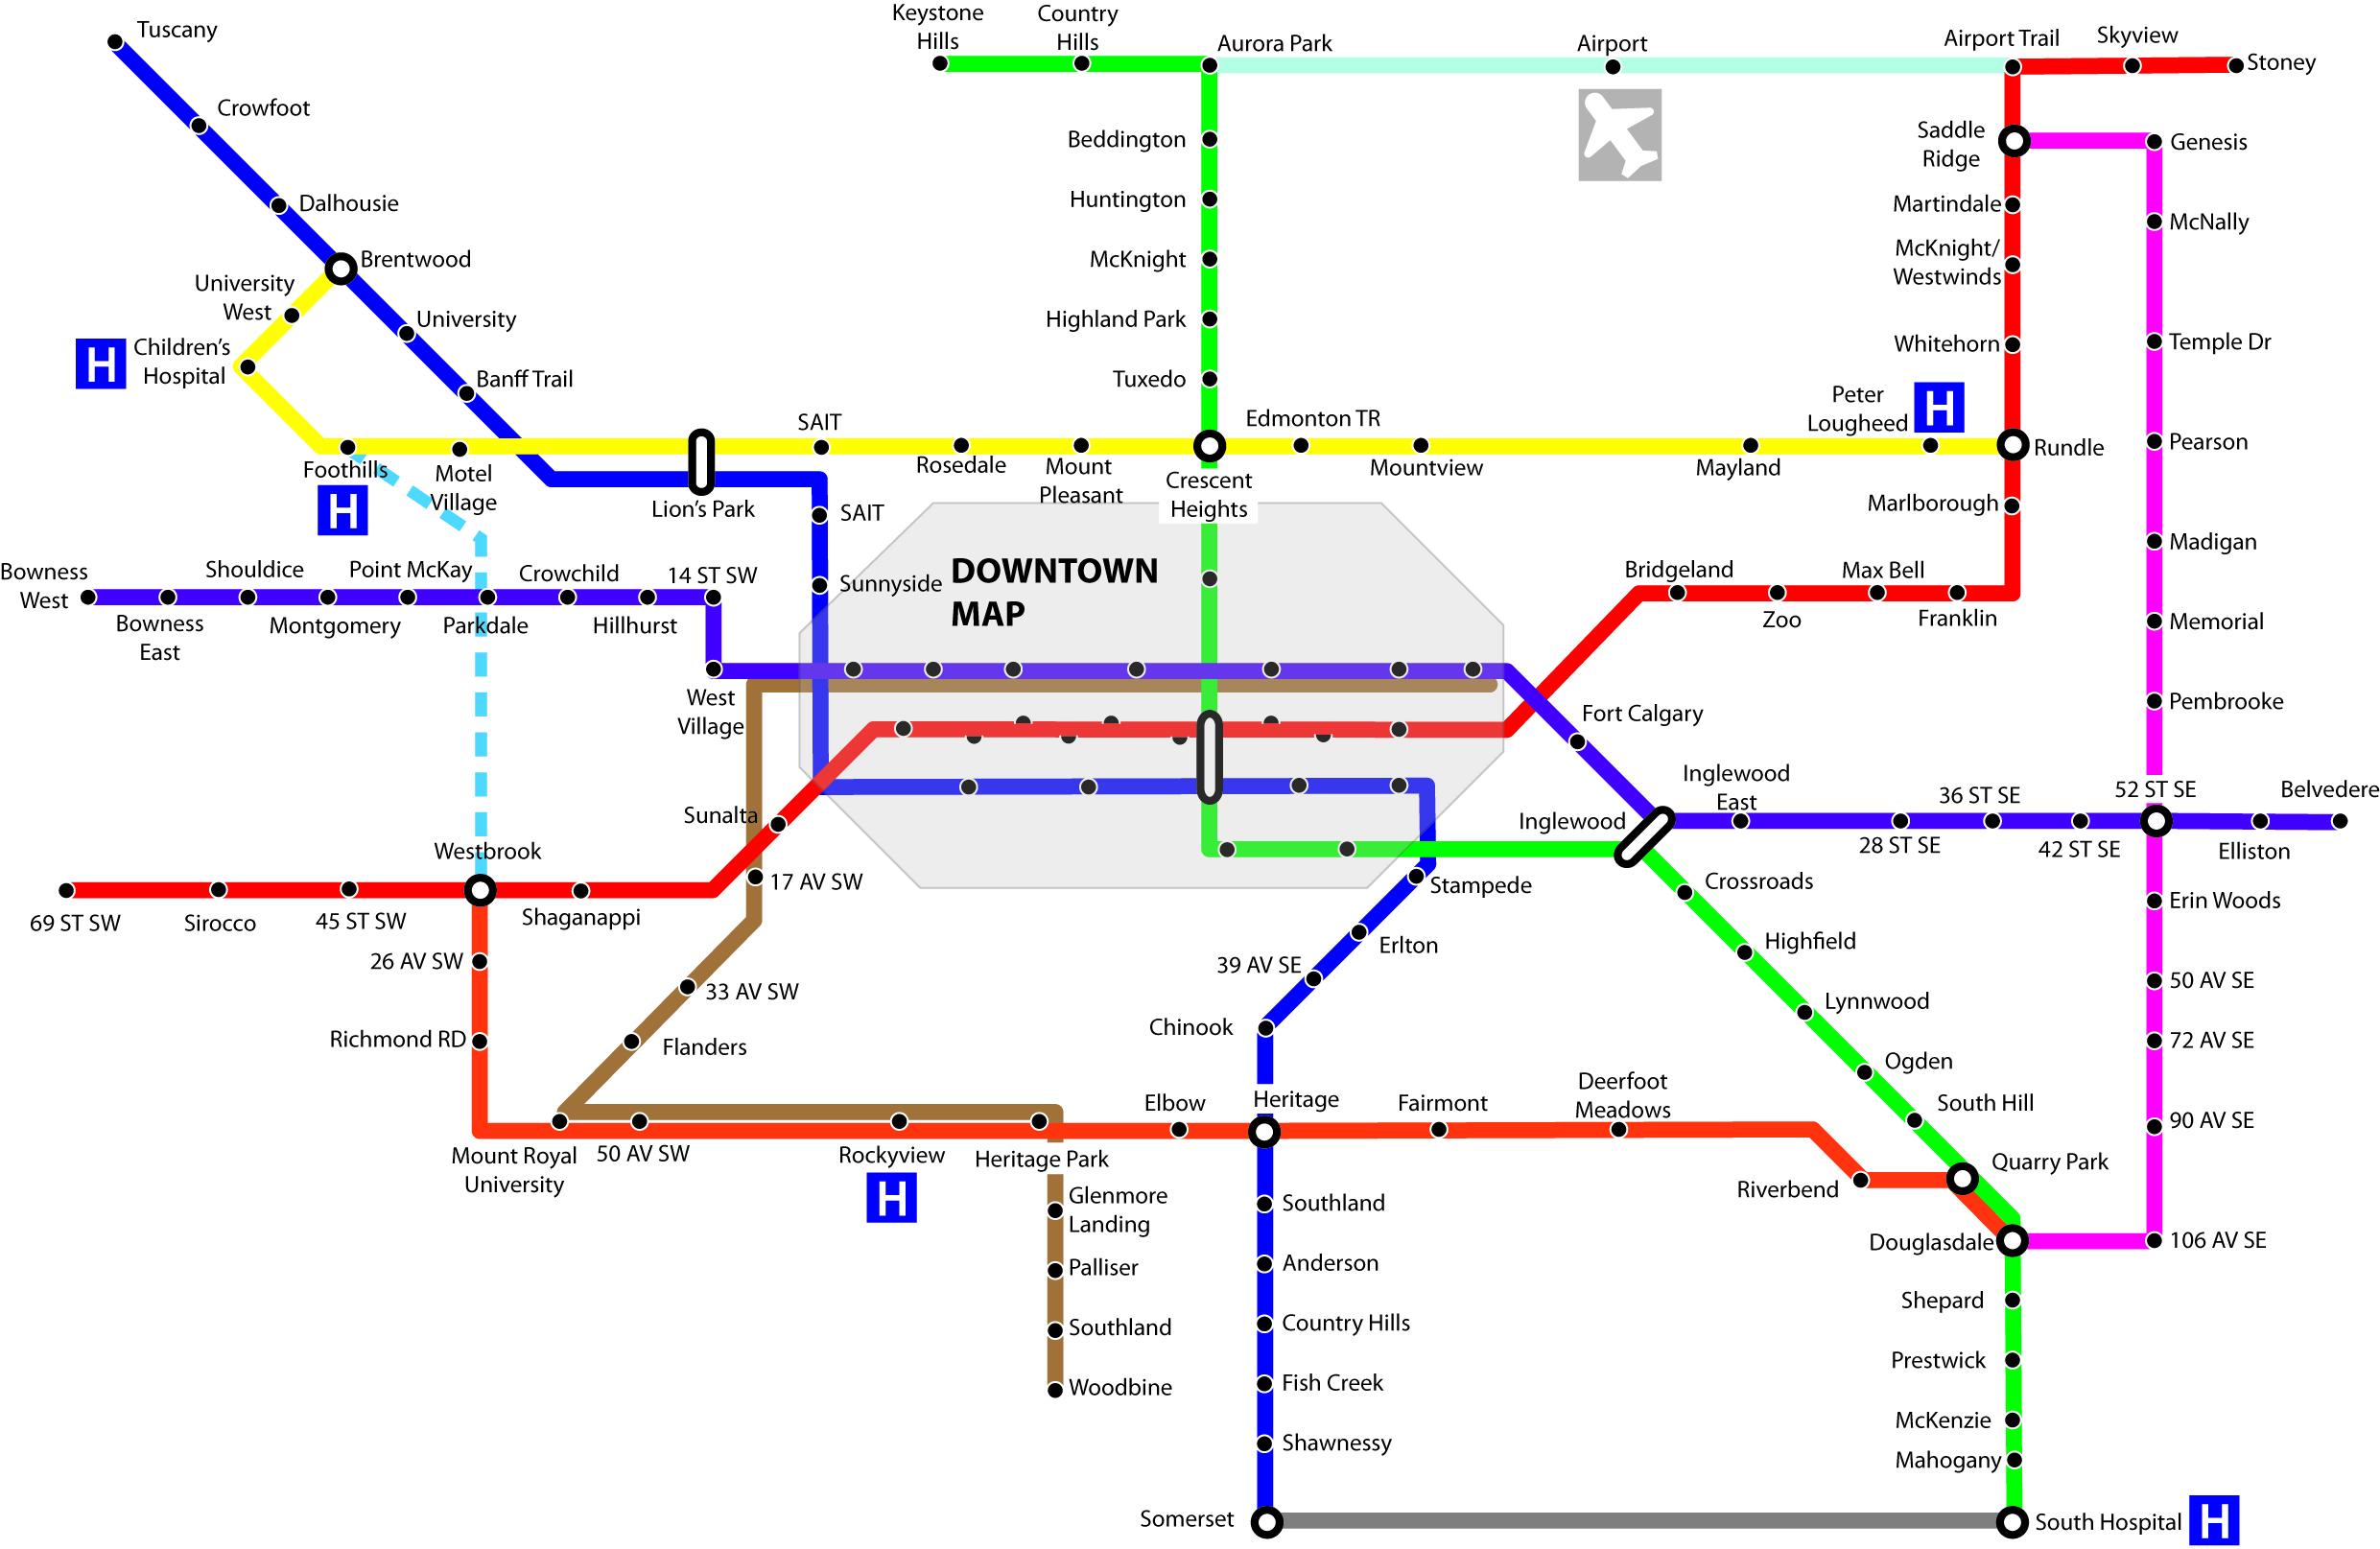 transit-network-2.jpg